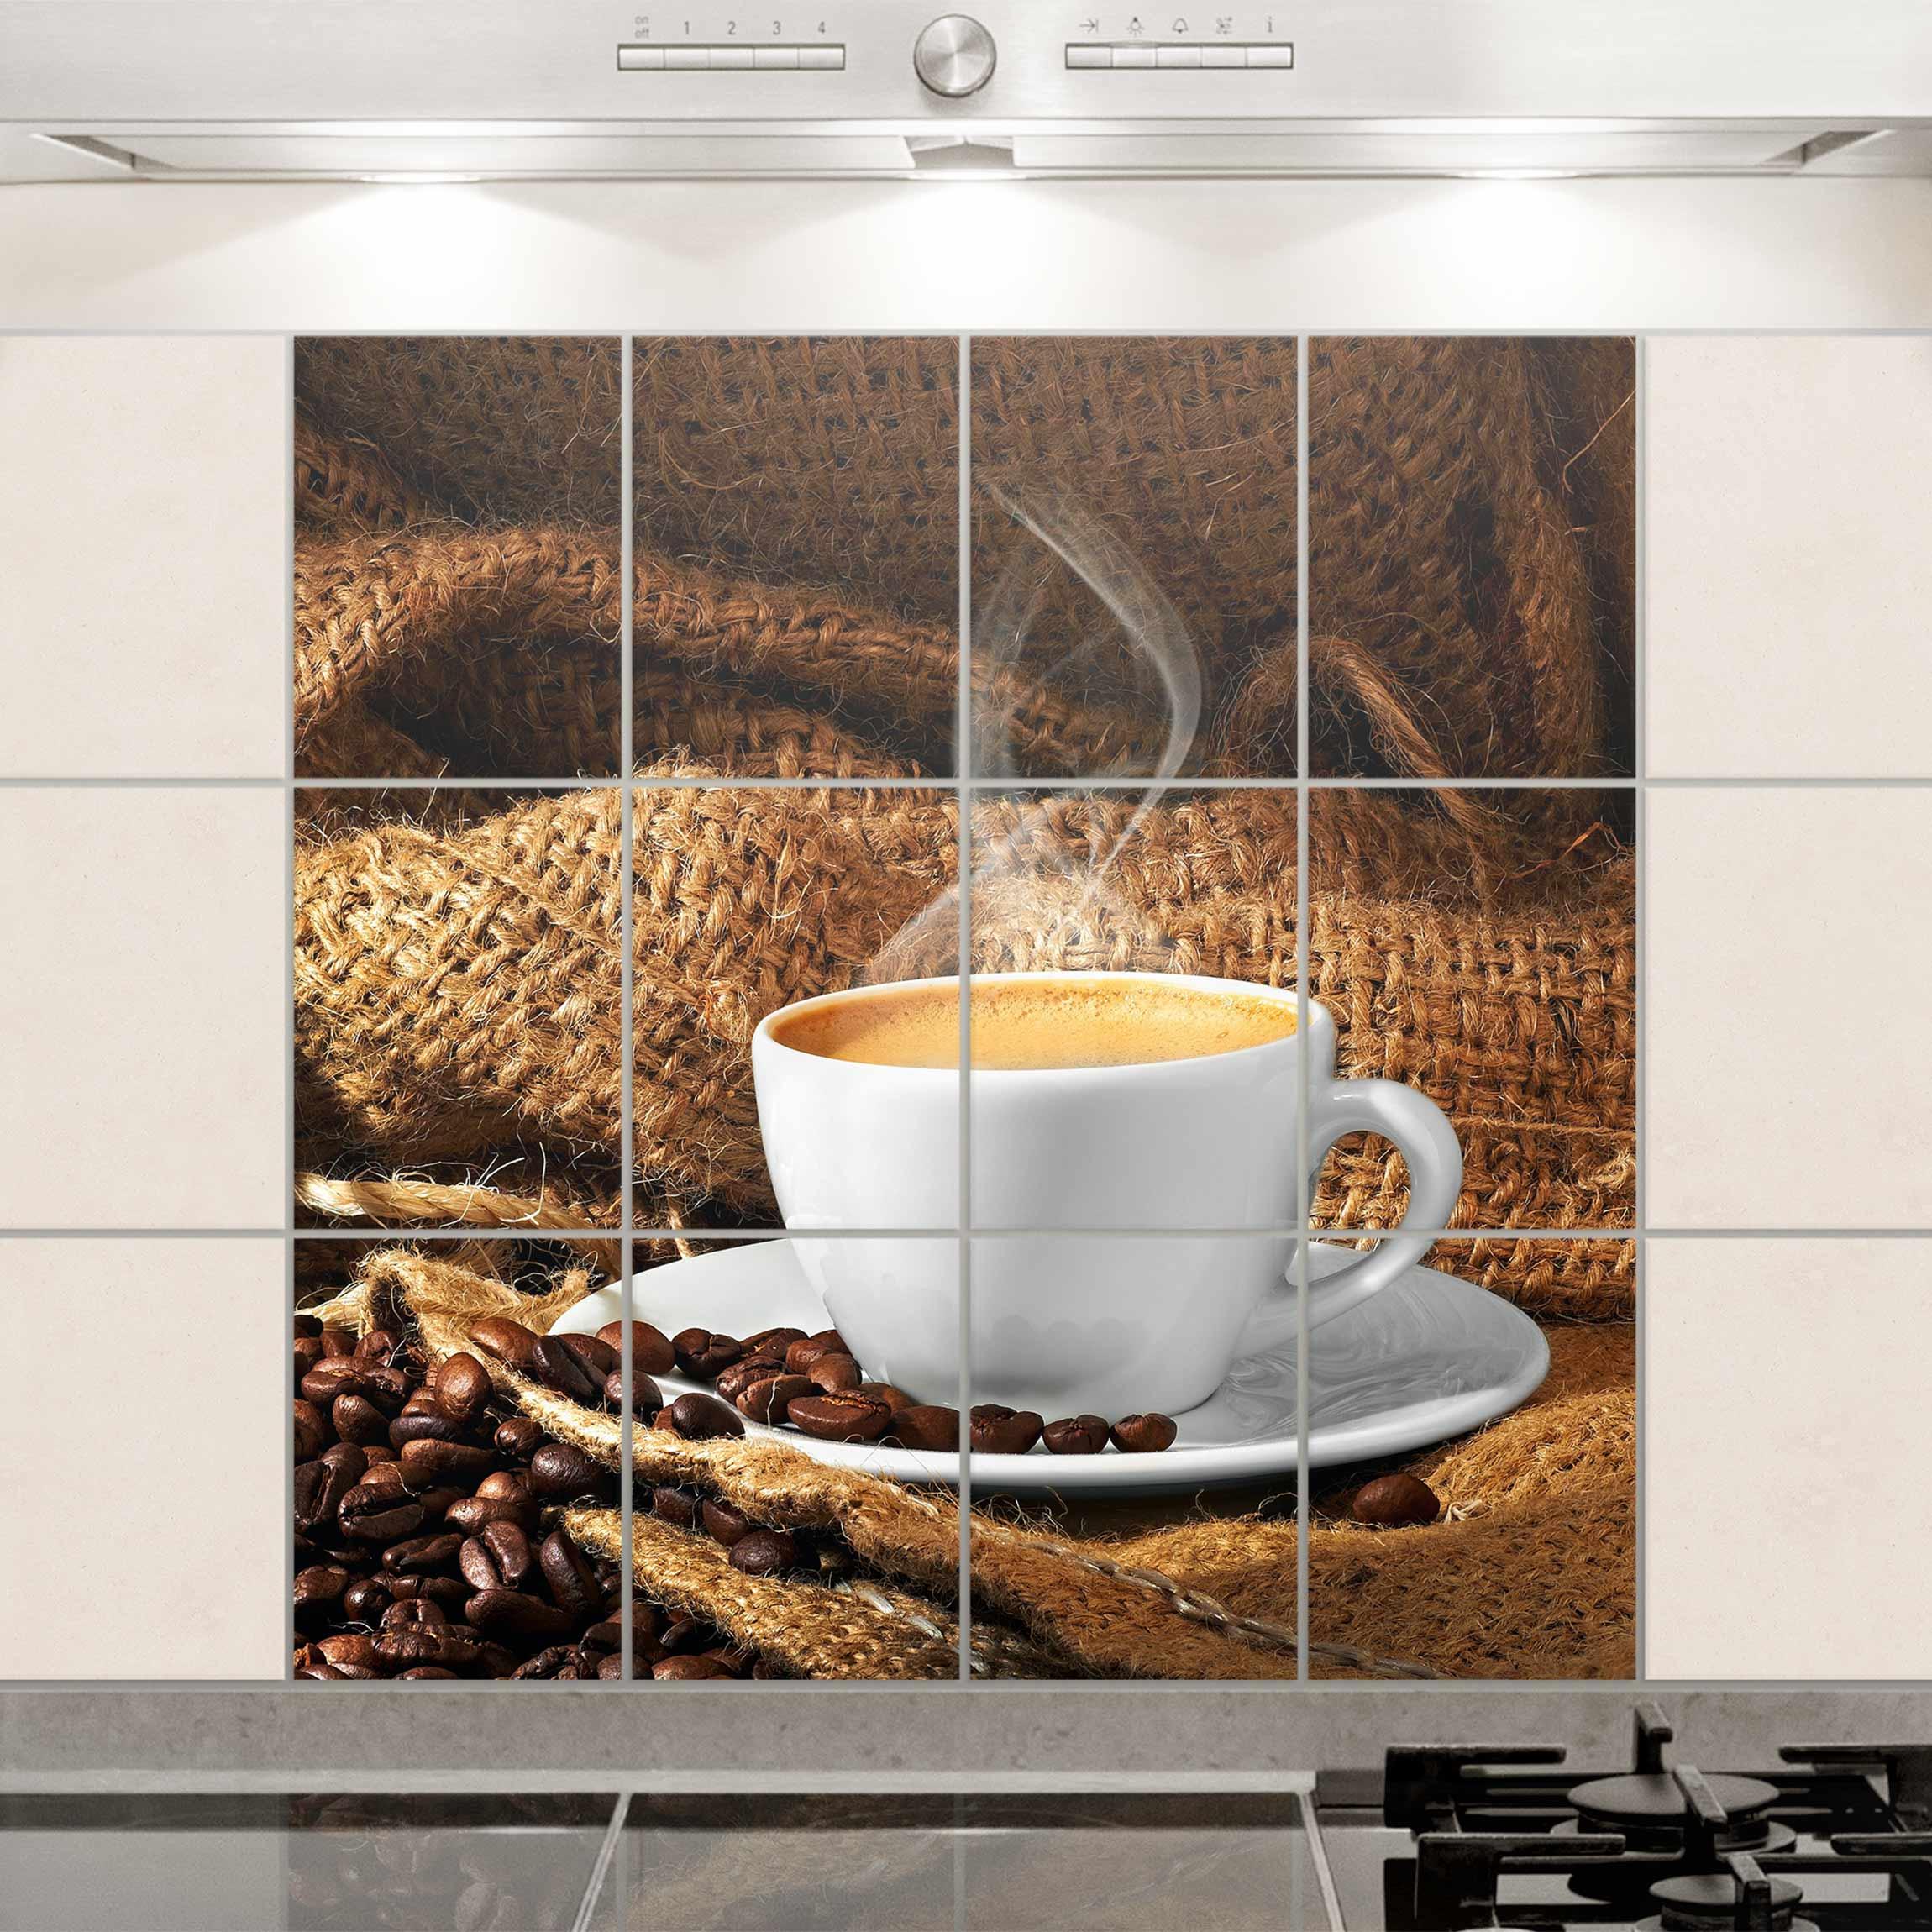 Fliesenbild kaffee am morgen fliesensticker set - Fliesensticker kaffee ...